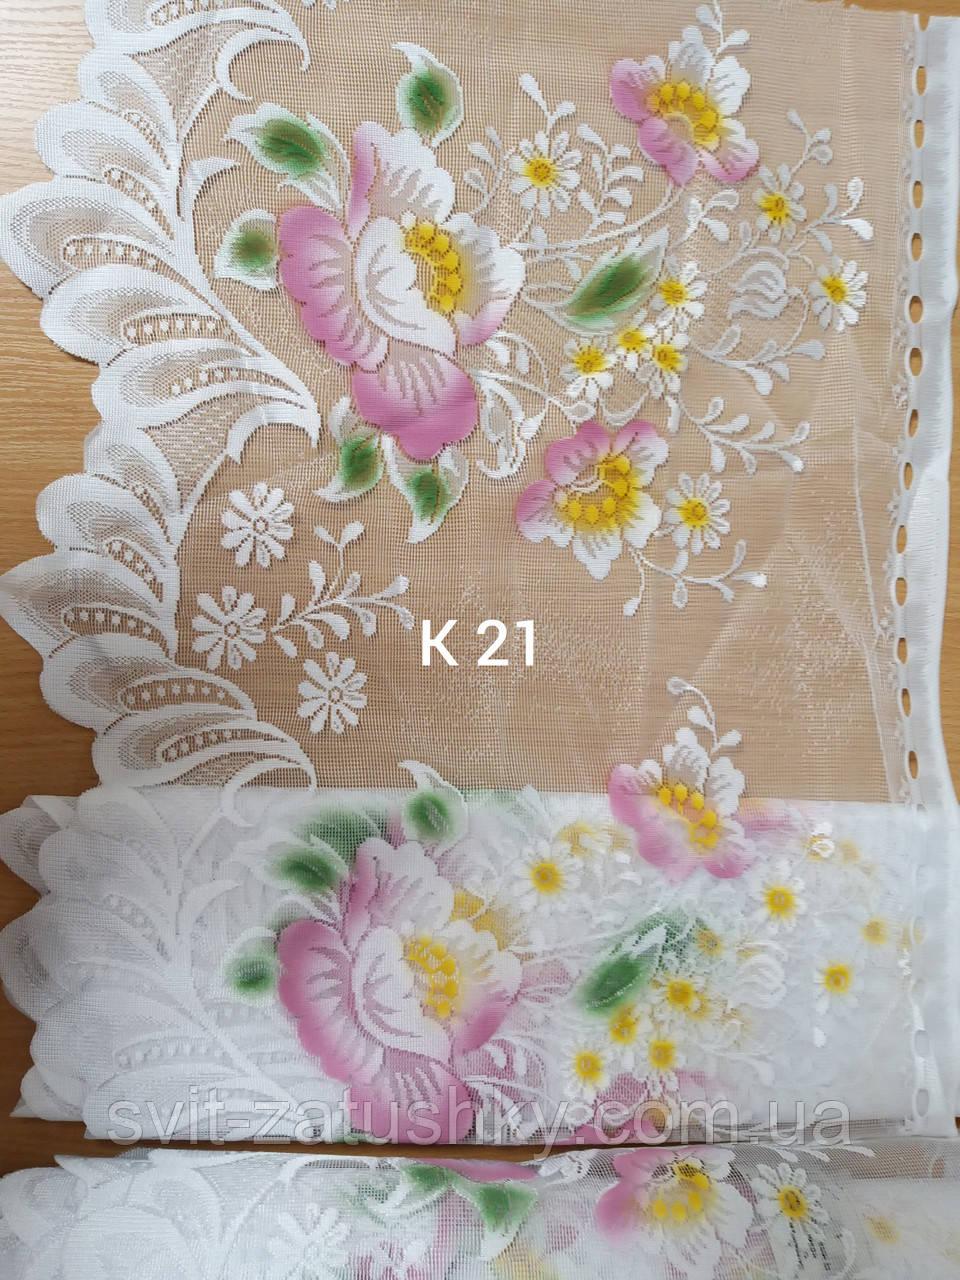 Гардина біла коротка з кольоровим узором висота 45 см/ Гардина короткая белая с цветным узором высотой 45 см.